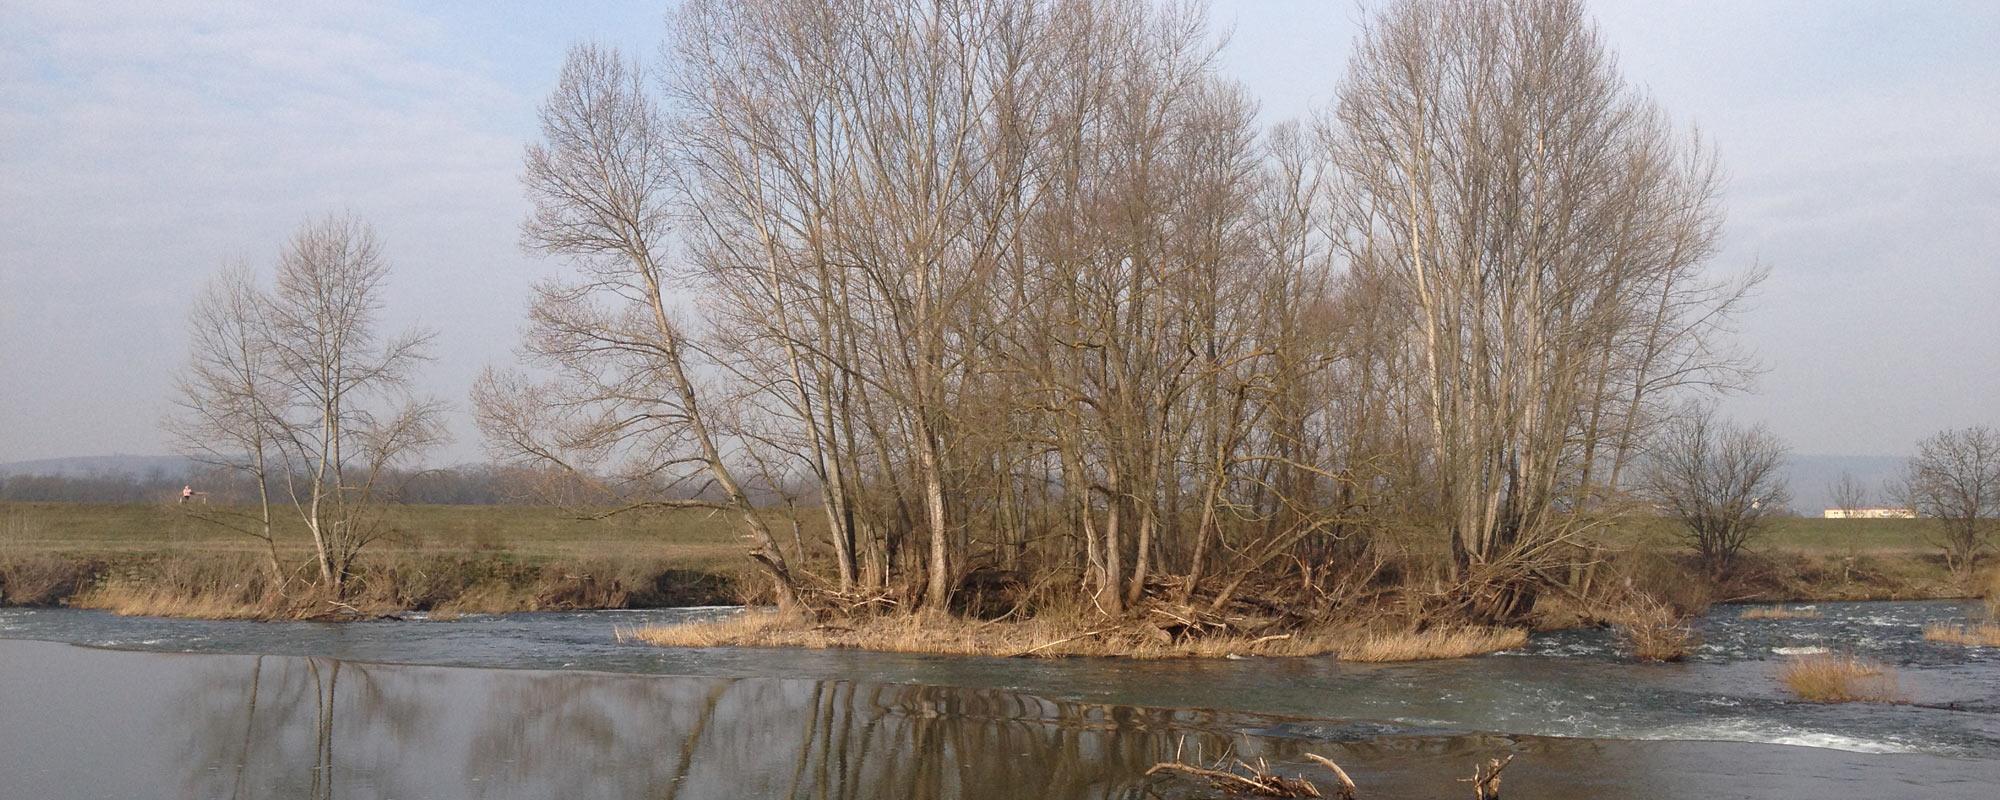 Hochwasserschutz_Nahe_SLIDE_4